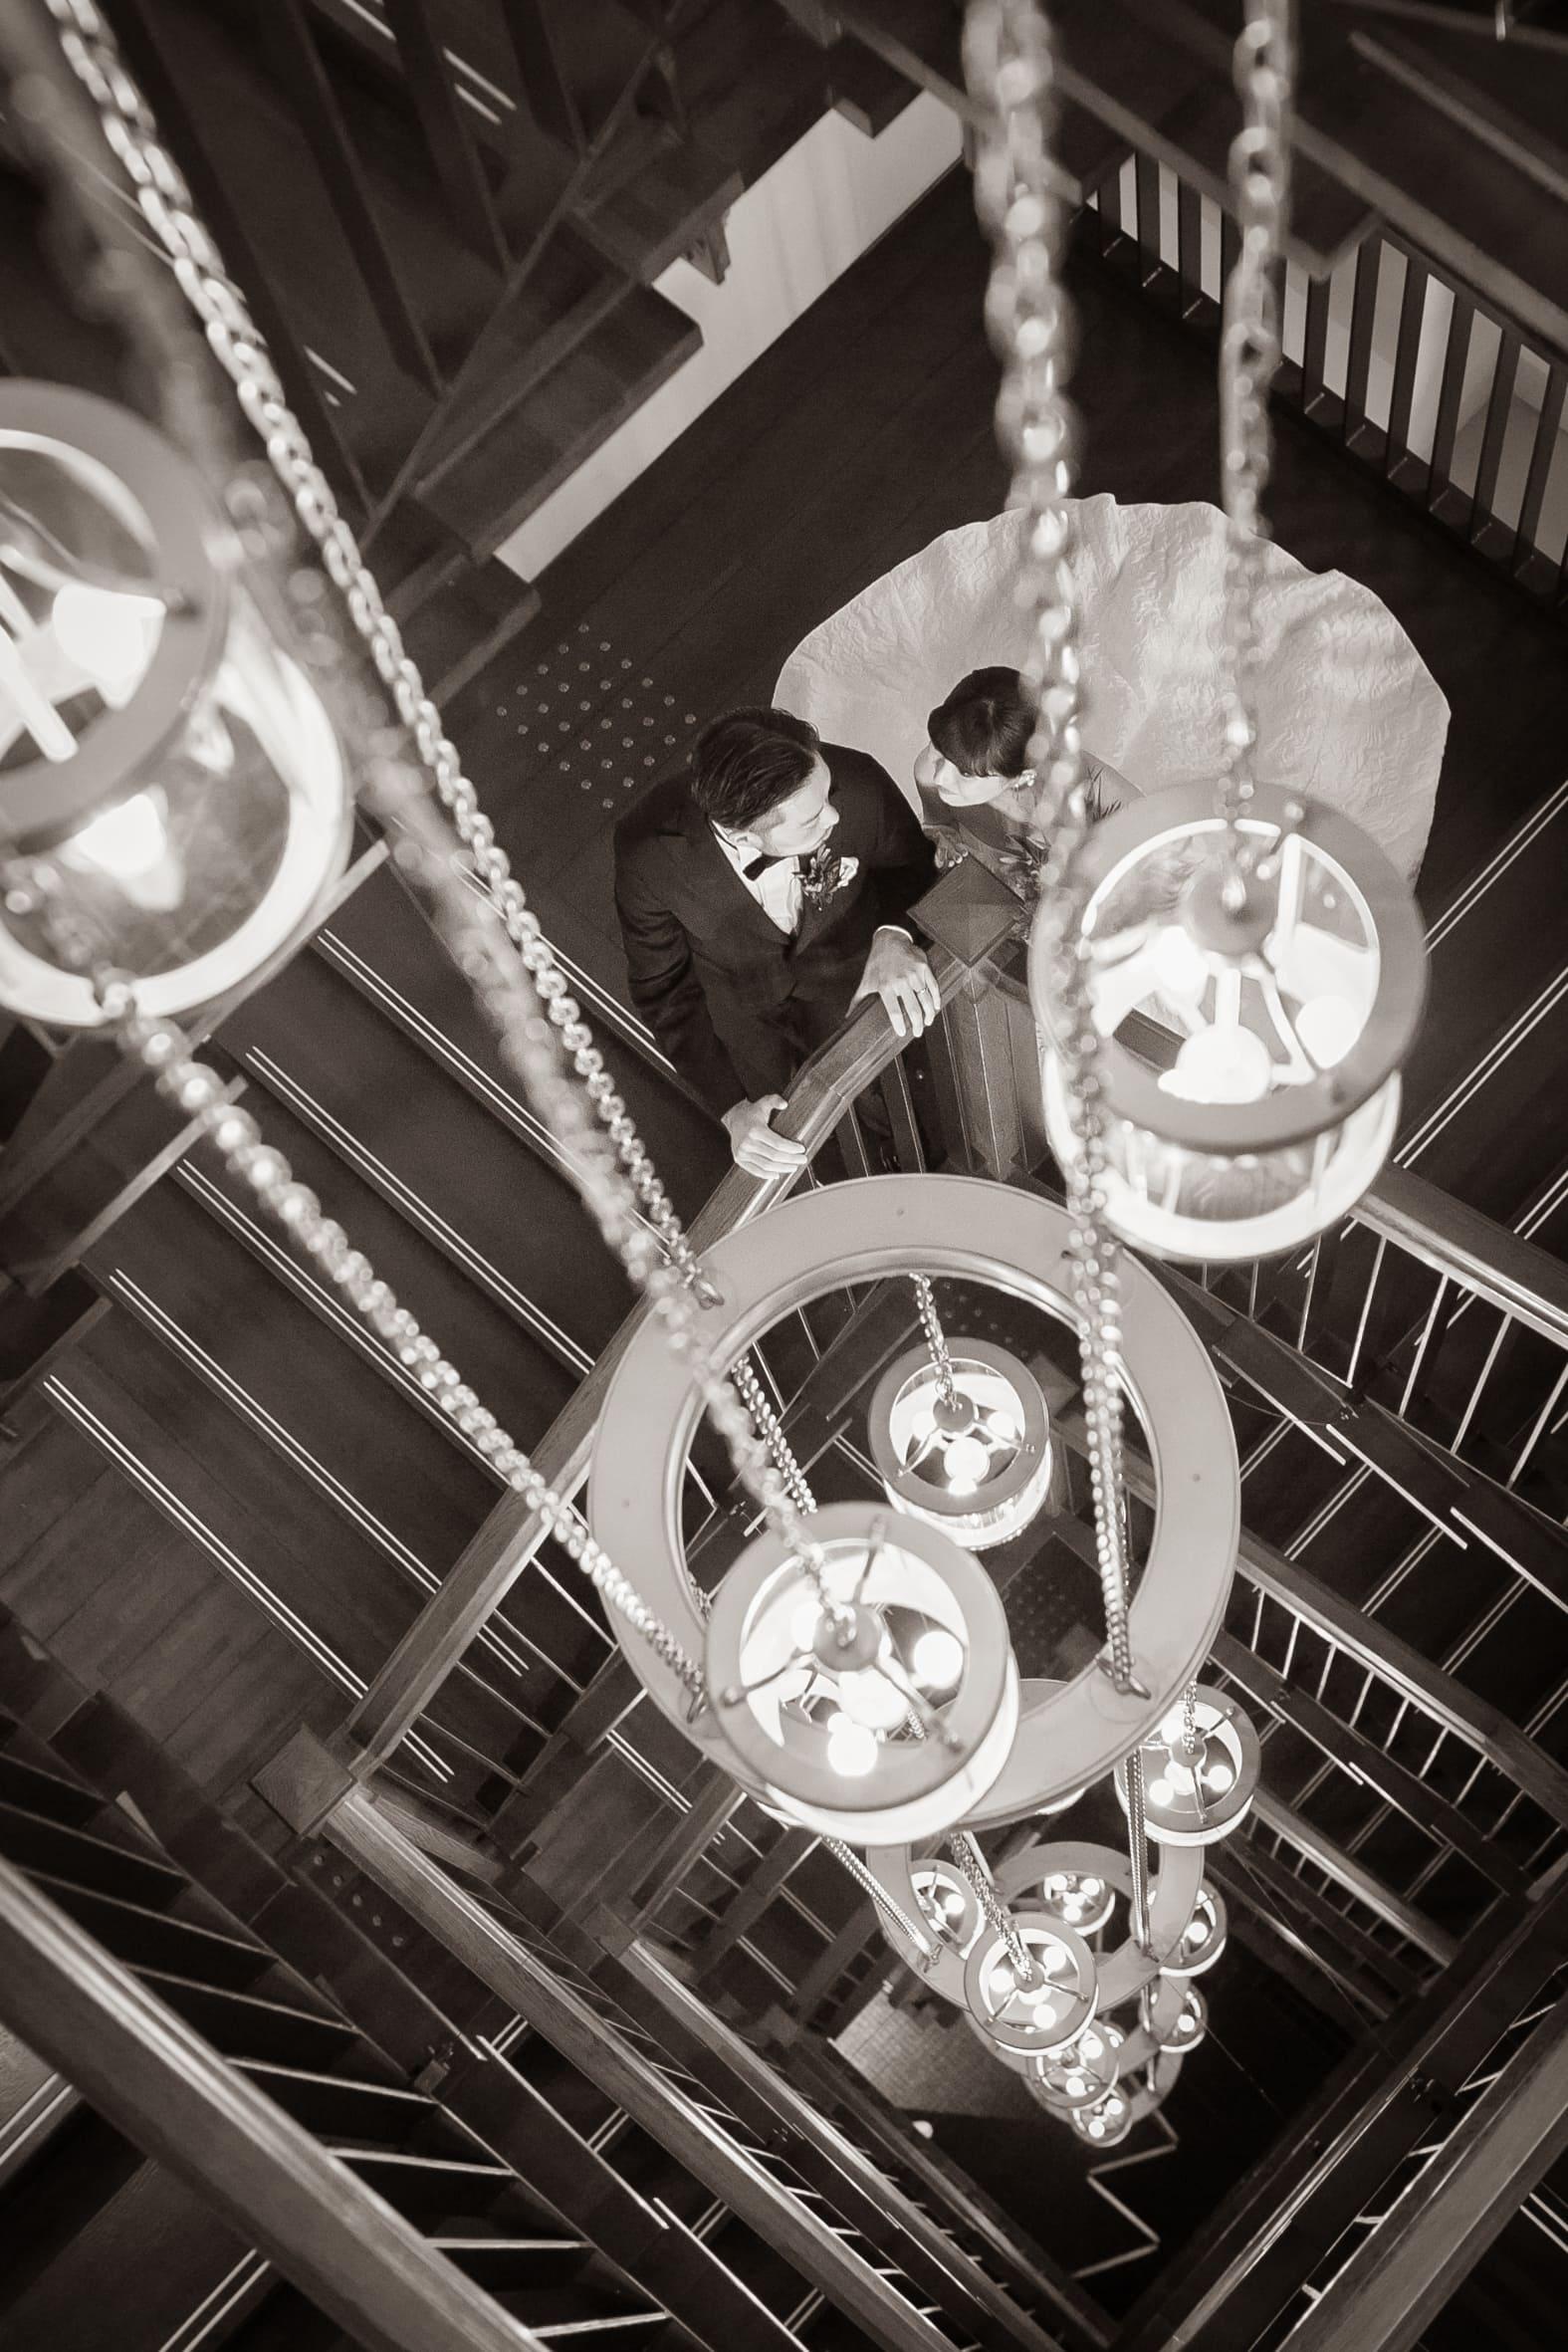 ザトリートドレッシングにて人気のレラローズの2WAYのウェディングドレスの洗練されたコーディネート